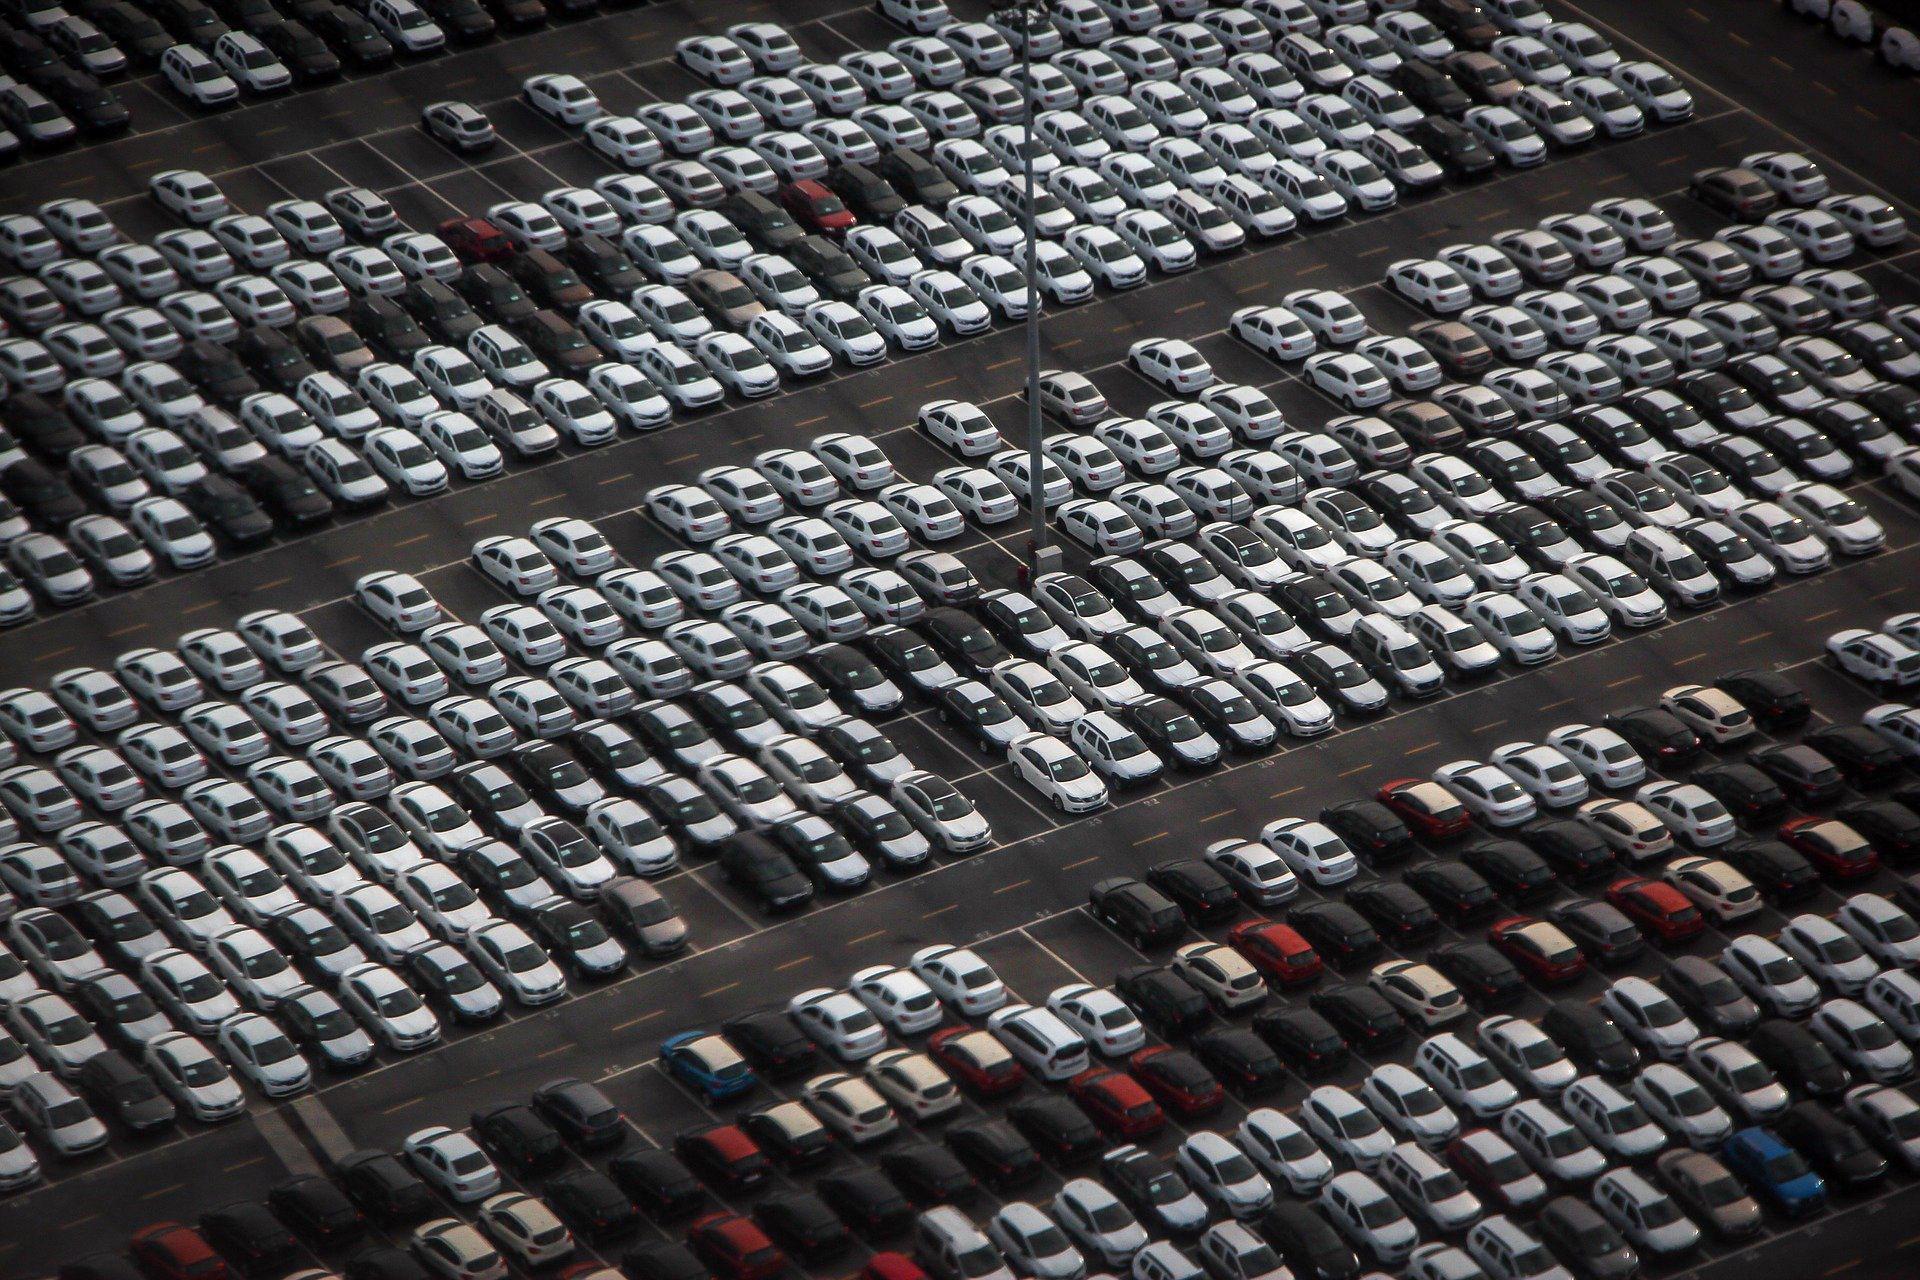 Foto Produção de veículos no Brasil crescerá 25% em 2021 segundo a Anfavea